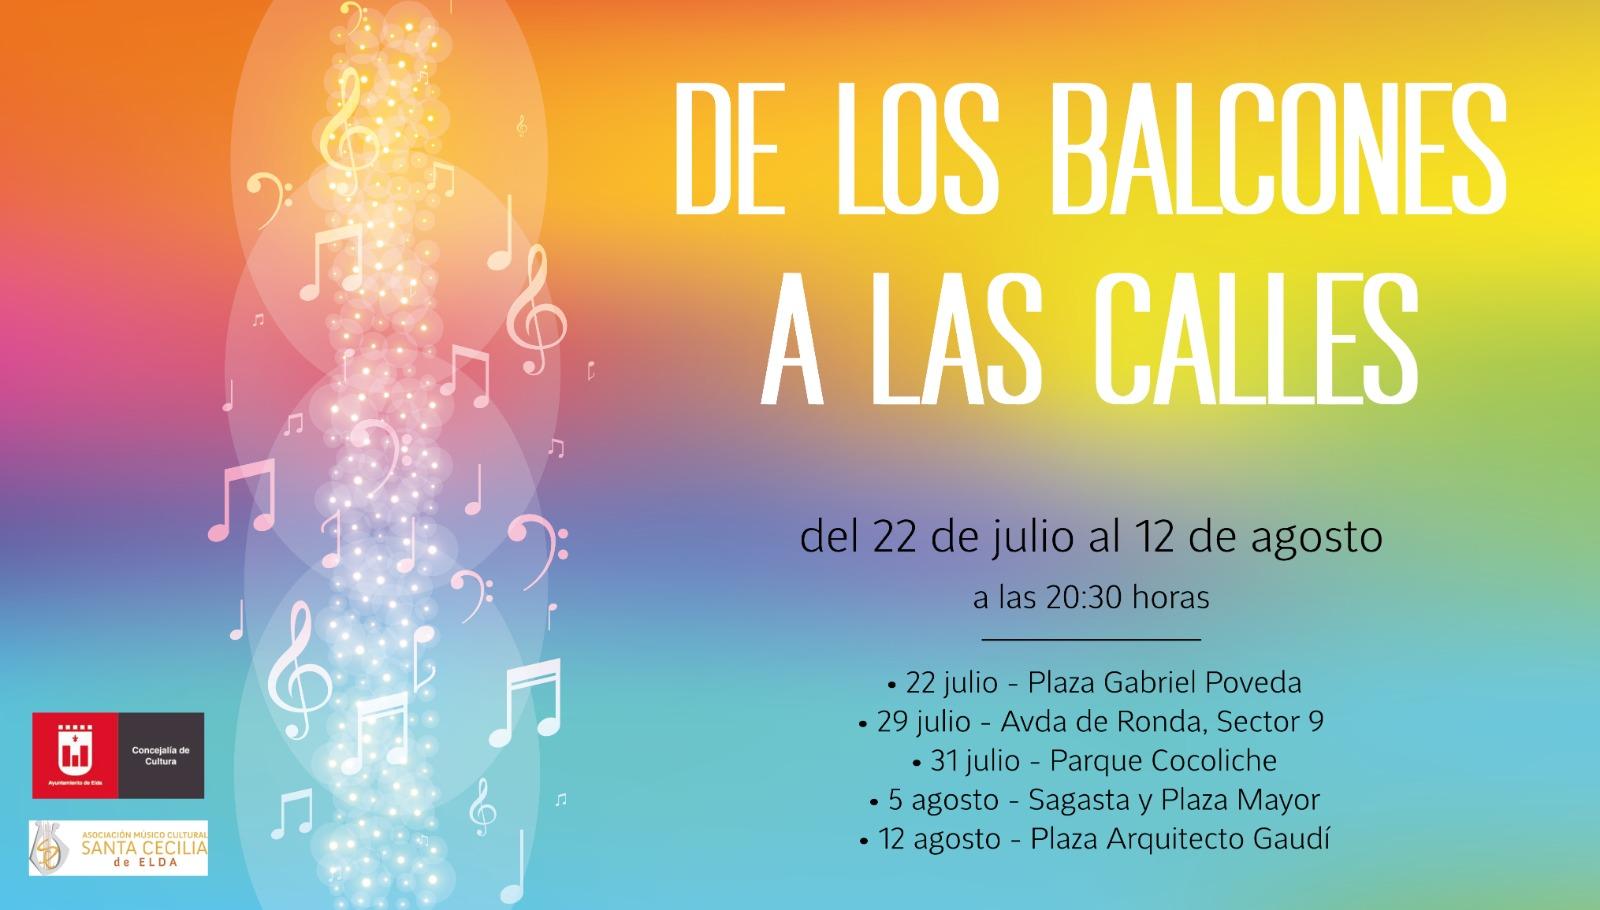 """La Concejalía de Cultura pone en marcha el ciclo de conciertos veraniegos """"De los balcones a las calles"""""""